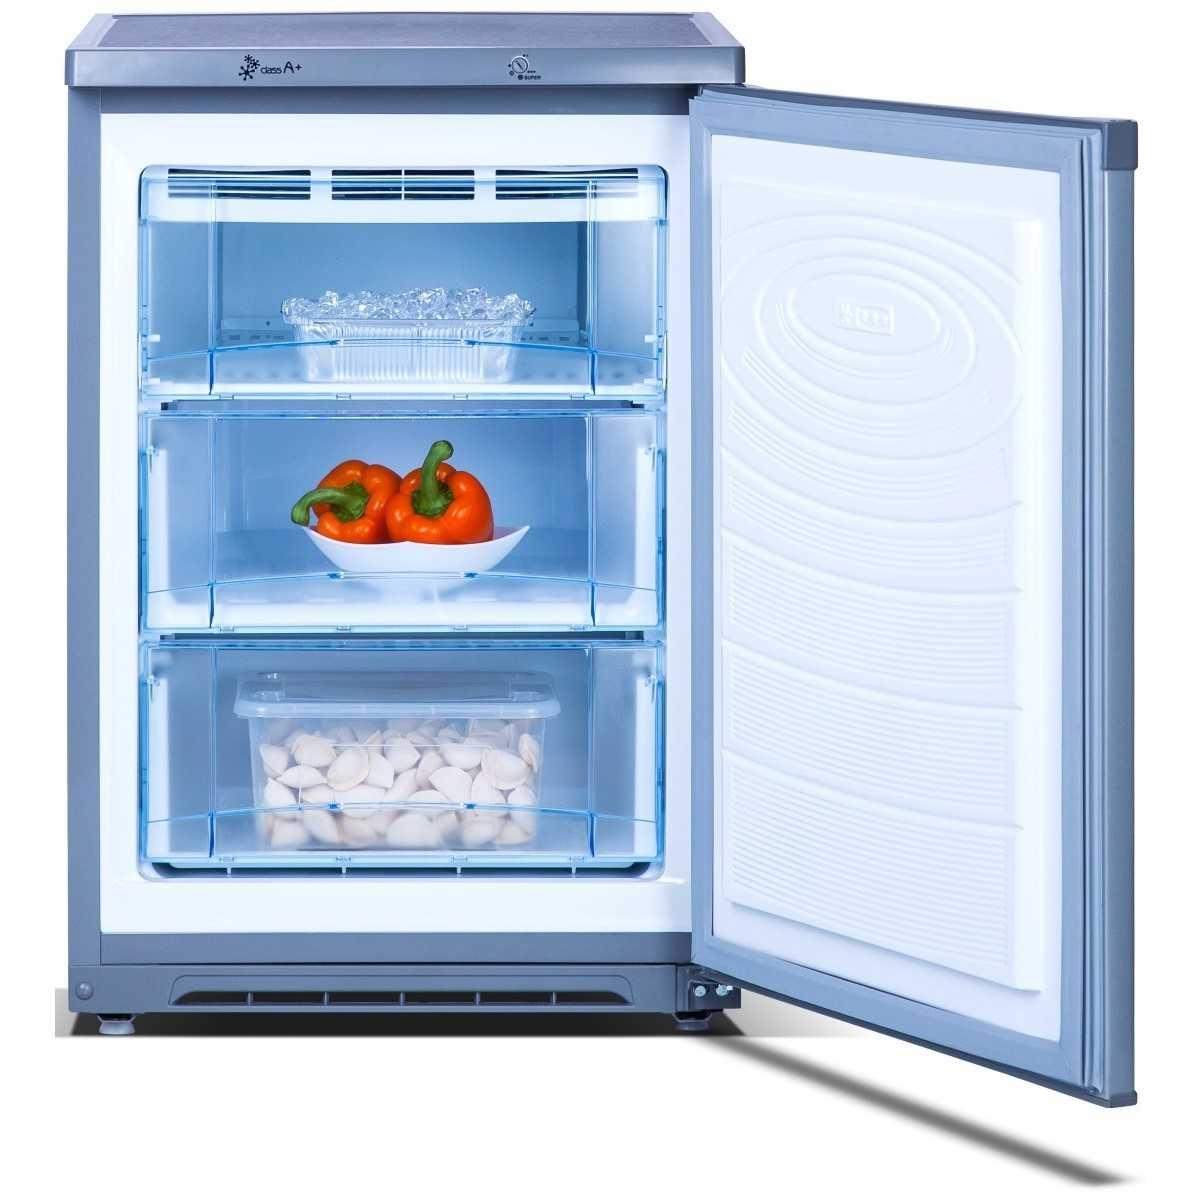 Какую морозильную камеру лучше купить для дома: топ морозильных камер 2020 года, рейтинг лучших